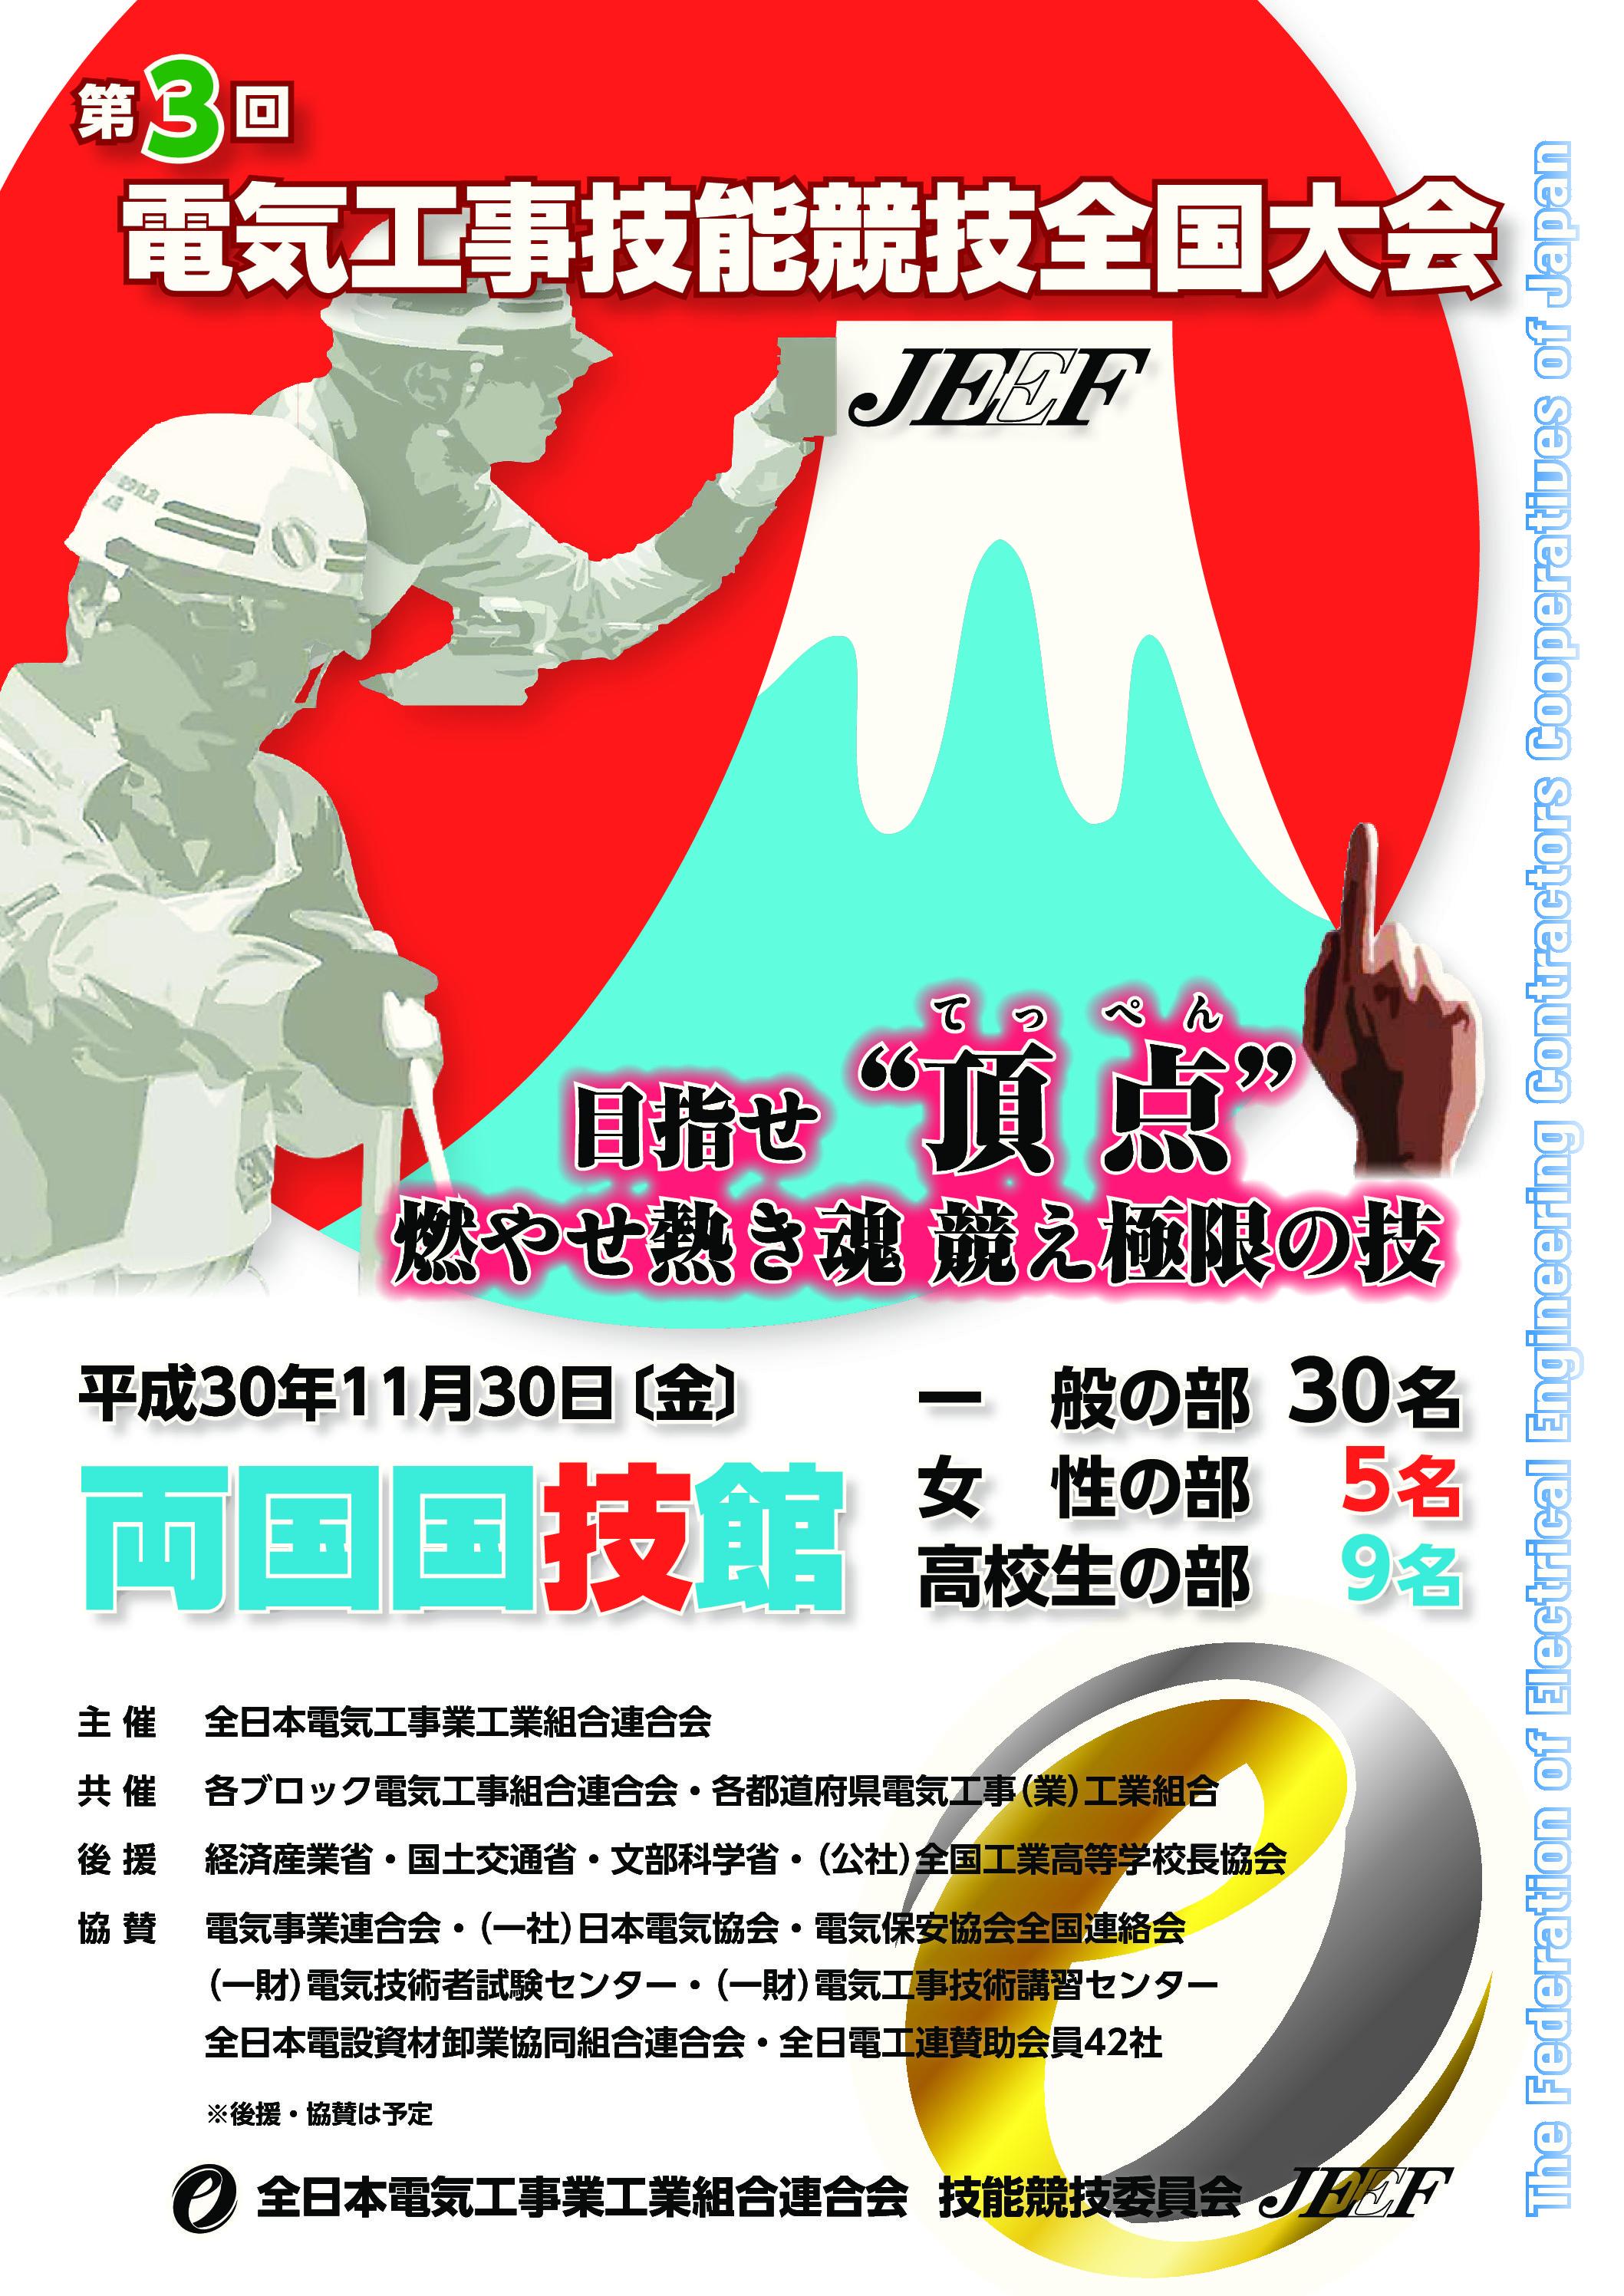 『第3回電気工事技能競技全国大会』2018年11月30日(金)両国国技館で開催!!の画像